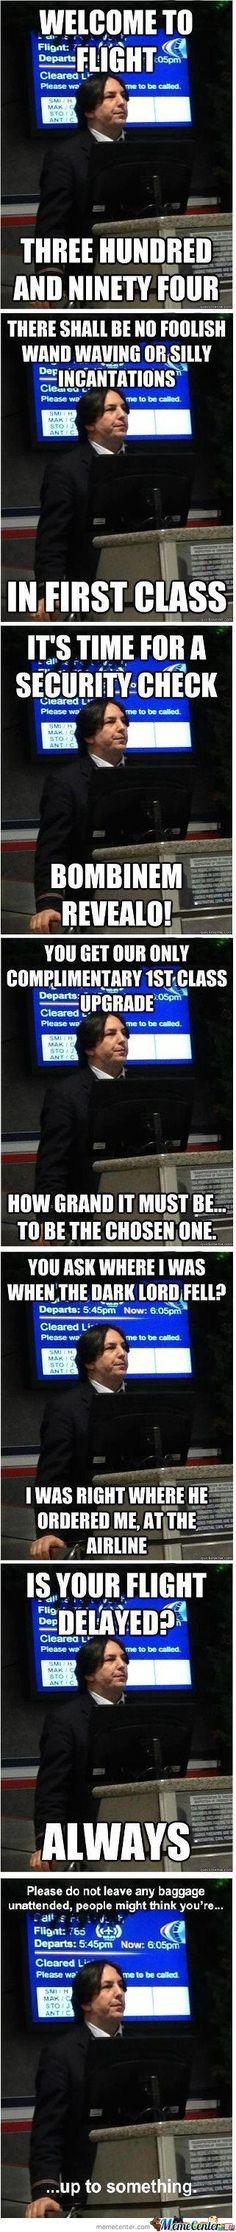 Snape look-alike flight attendant meme. brilliant.